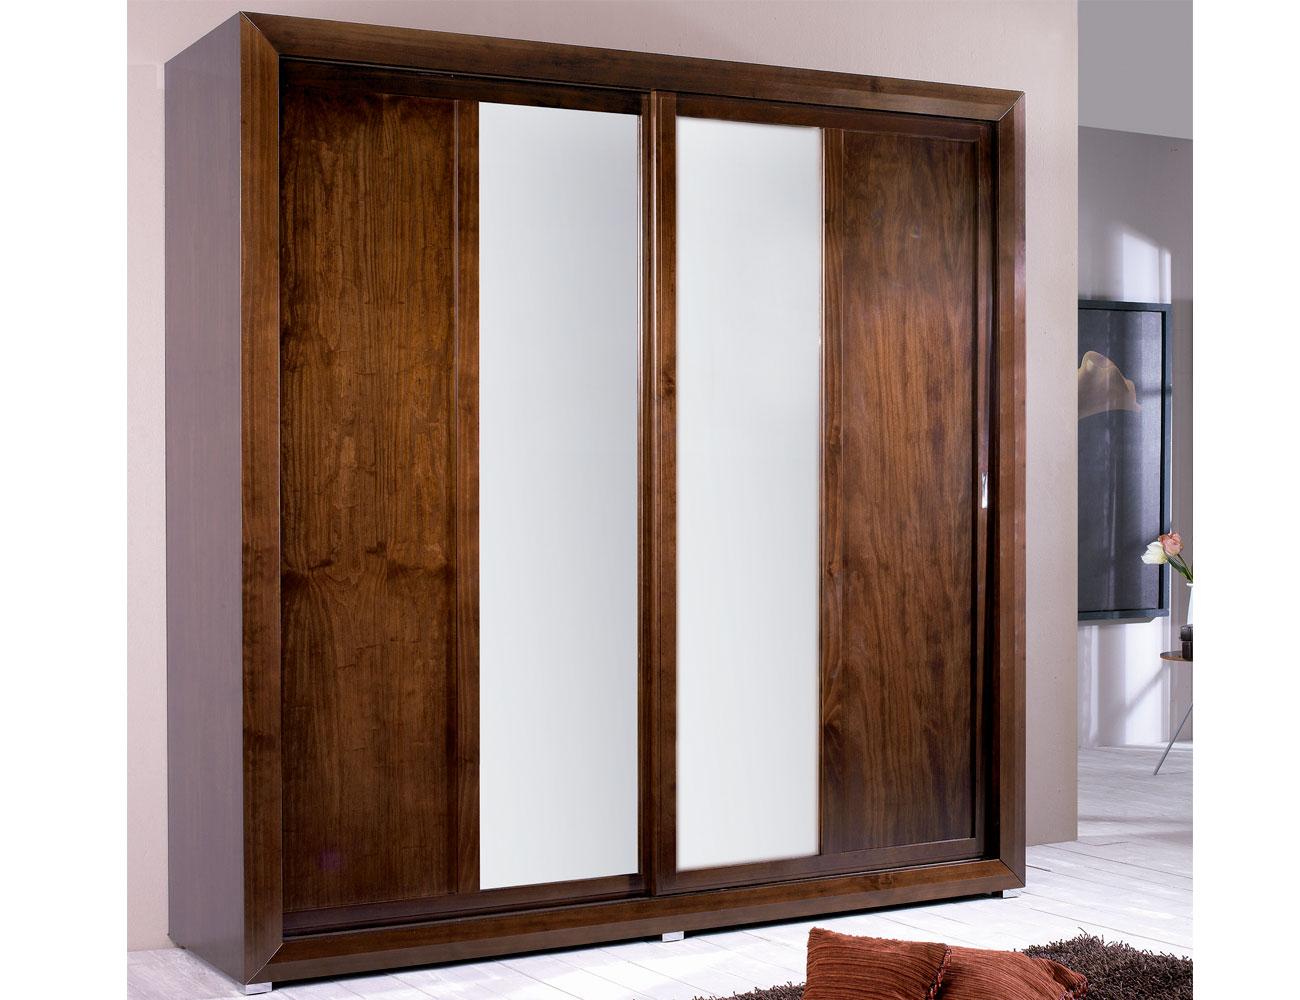 Armario puertas correderas luna madera composicion261